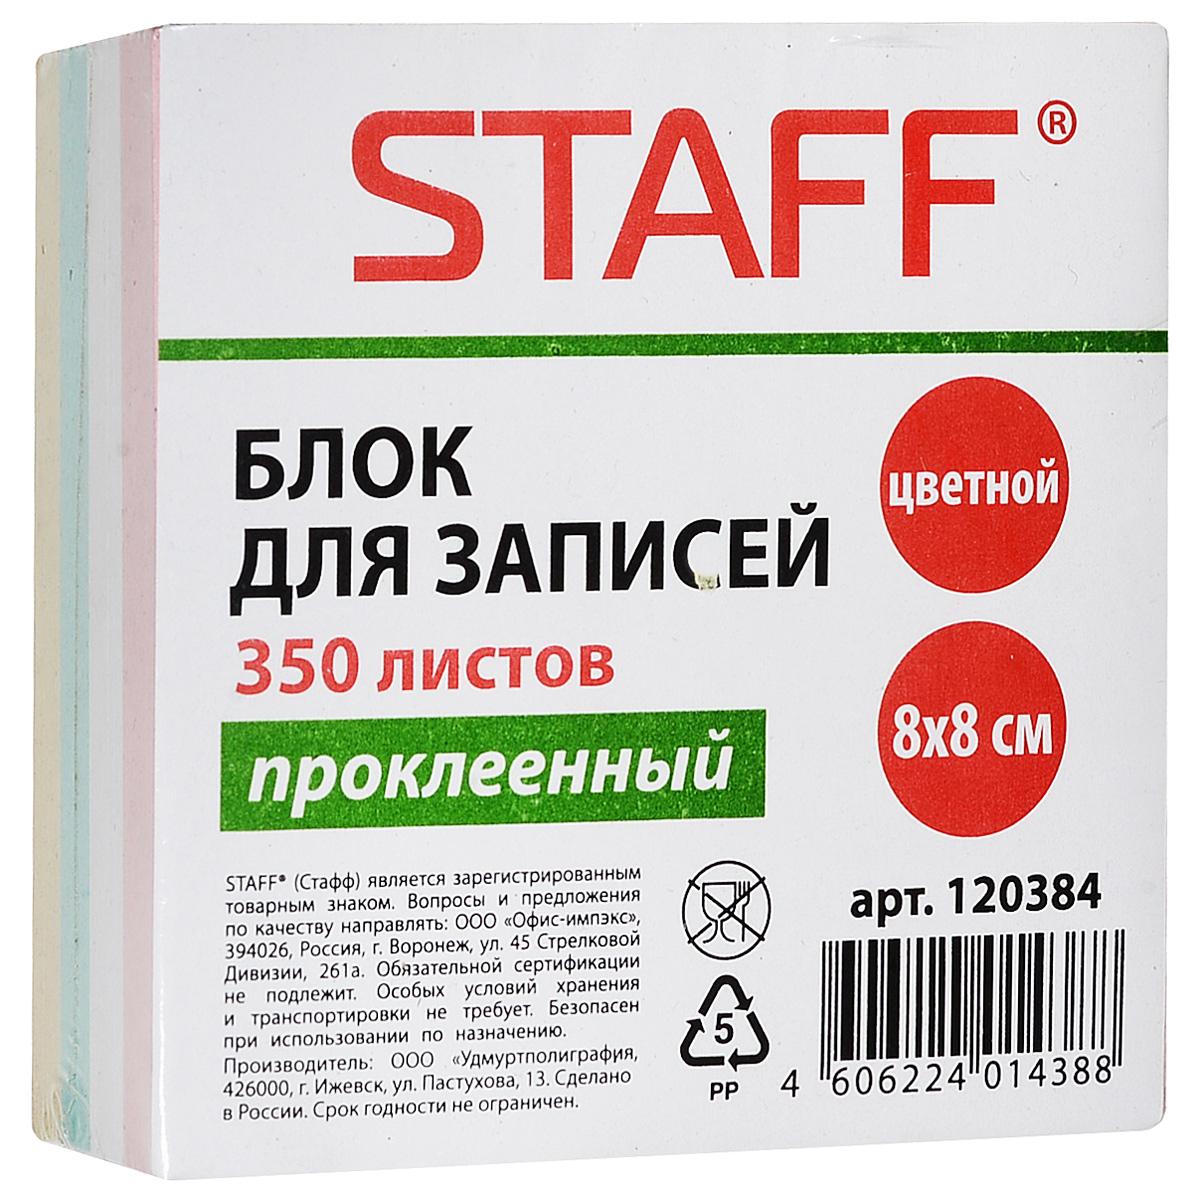 Staff Бумага для заметок 8 х 8 см 350 листов цвет мультиколор120384Бумага для заметок Staff непременно привлечет к себе внимание.Бумага состоит из 350 разноцветных листочков, которые удобны для заметок, объявлений и других коротких сообщений. Сменные блоки бумаги предназначены для использования в пластиковых подставках и настольных органайзерах.